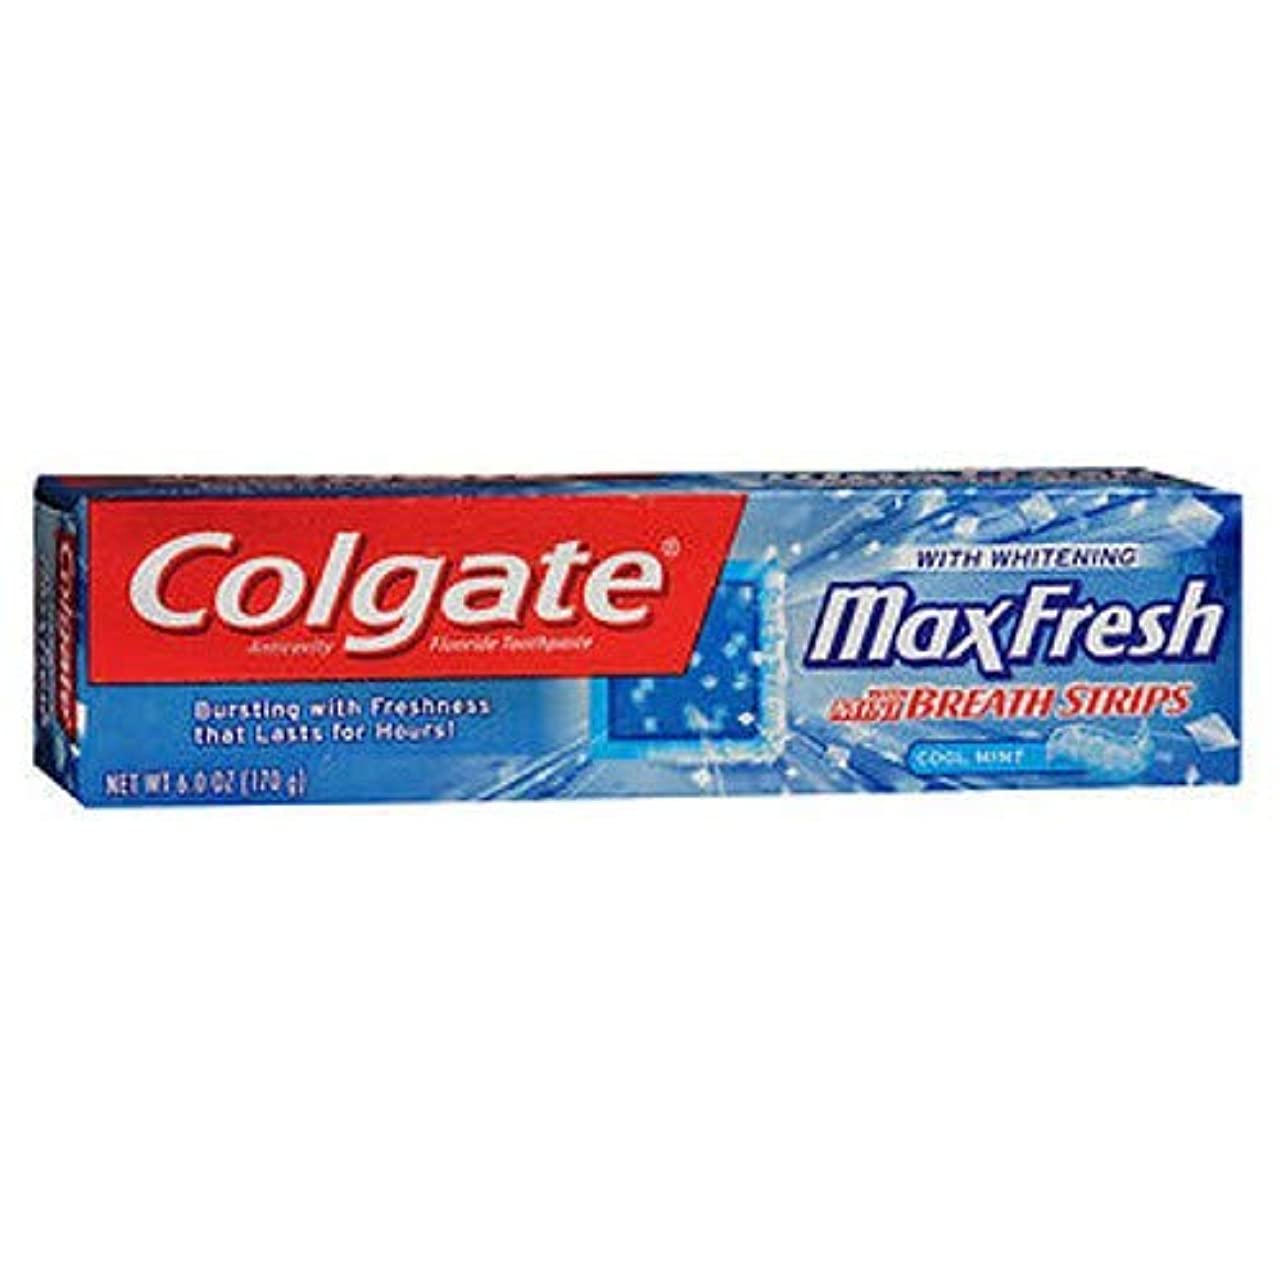 グローバル水分開示するColgate マックス新鮮なハミガキミニブレスストリップ,ミント&#44クール。 6オズ。